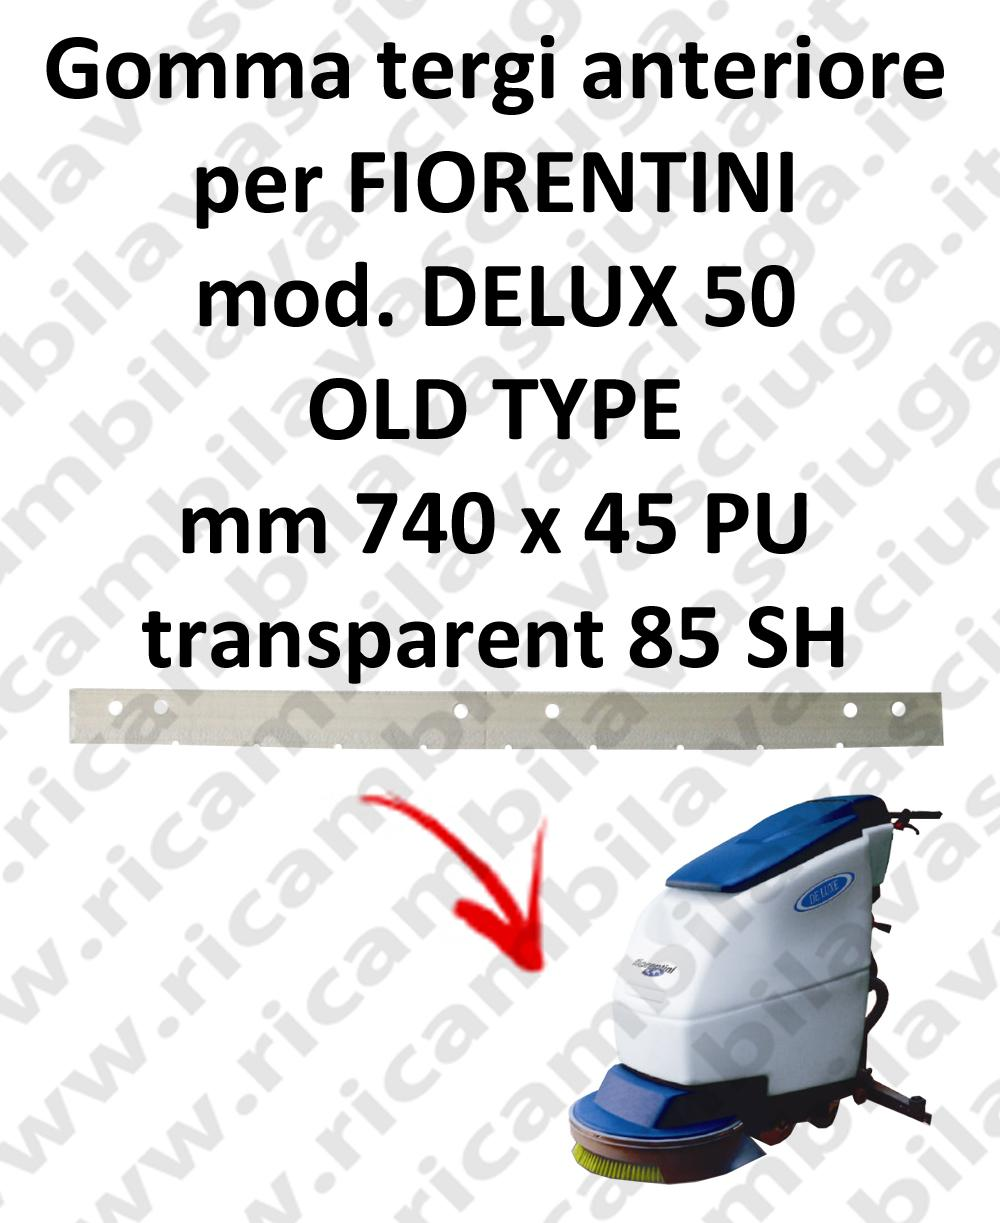 DELUX 50 old type GOMMA TERGI anteriore per tergipavimento FIORENTINI